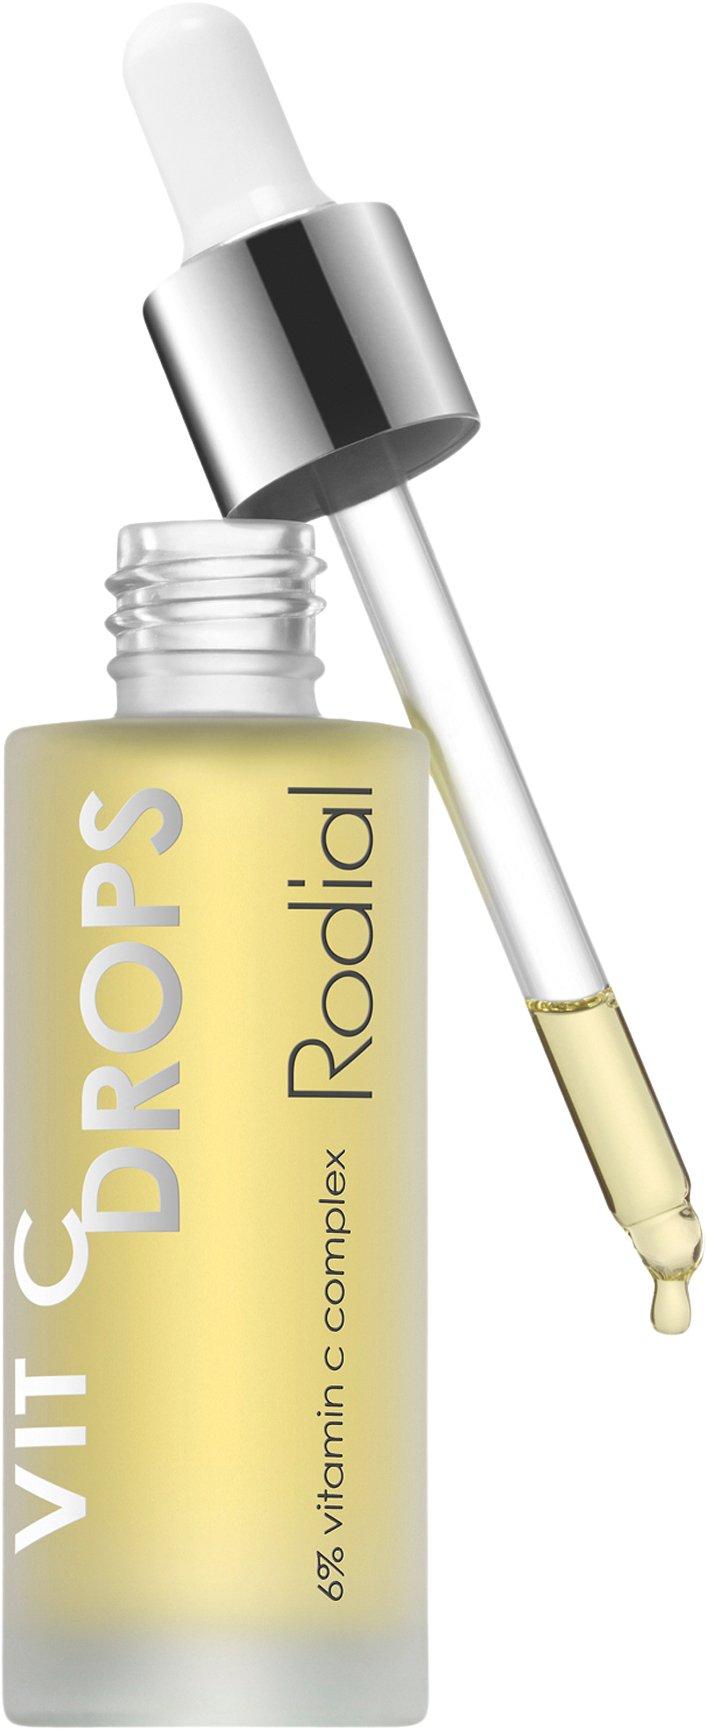 Rodial - Vit C Drops 31 ml